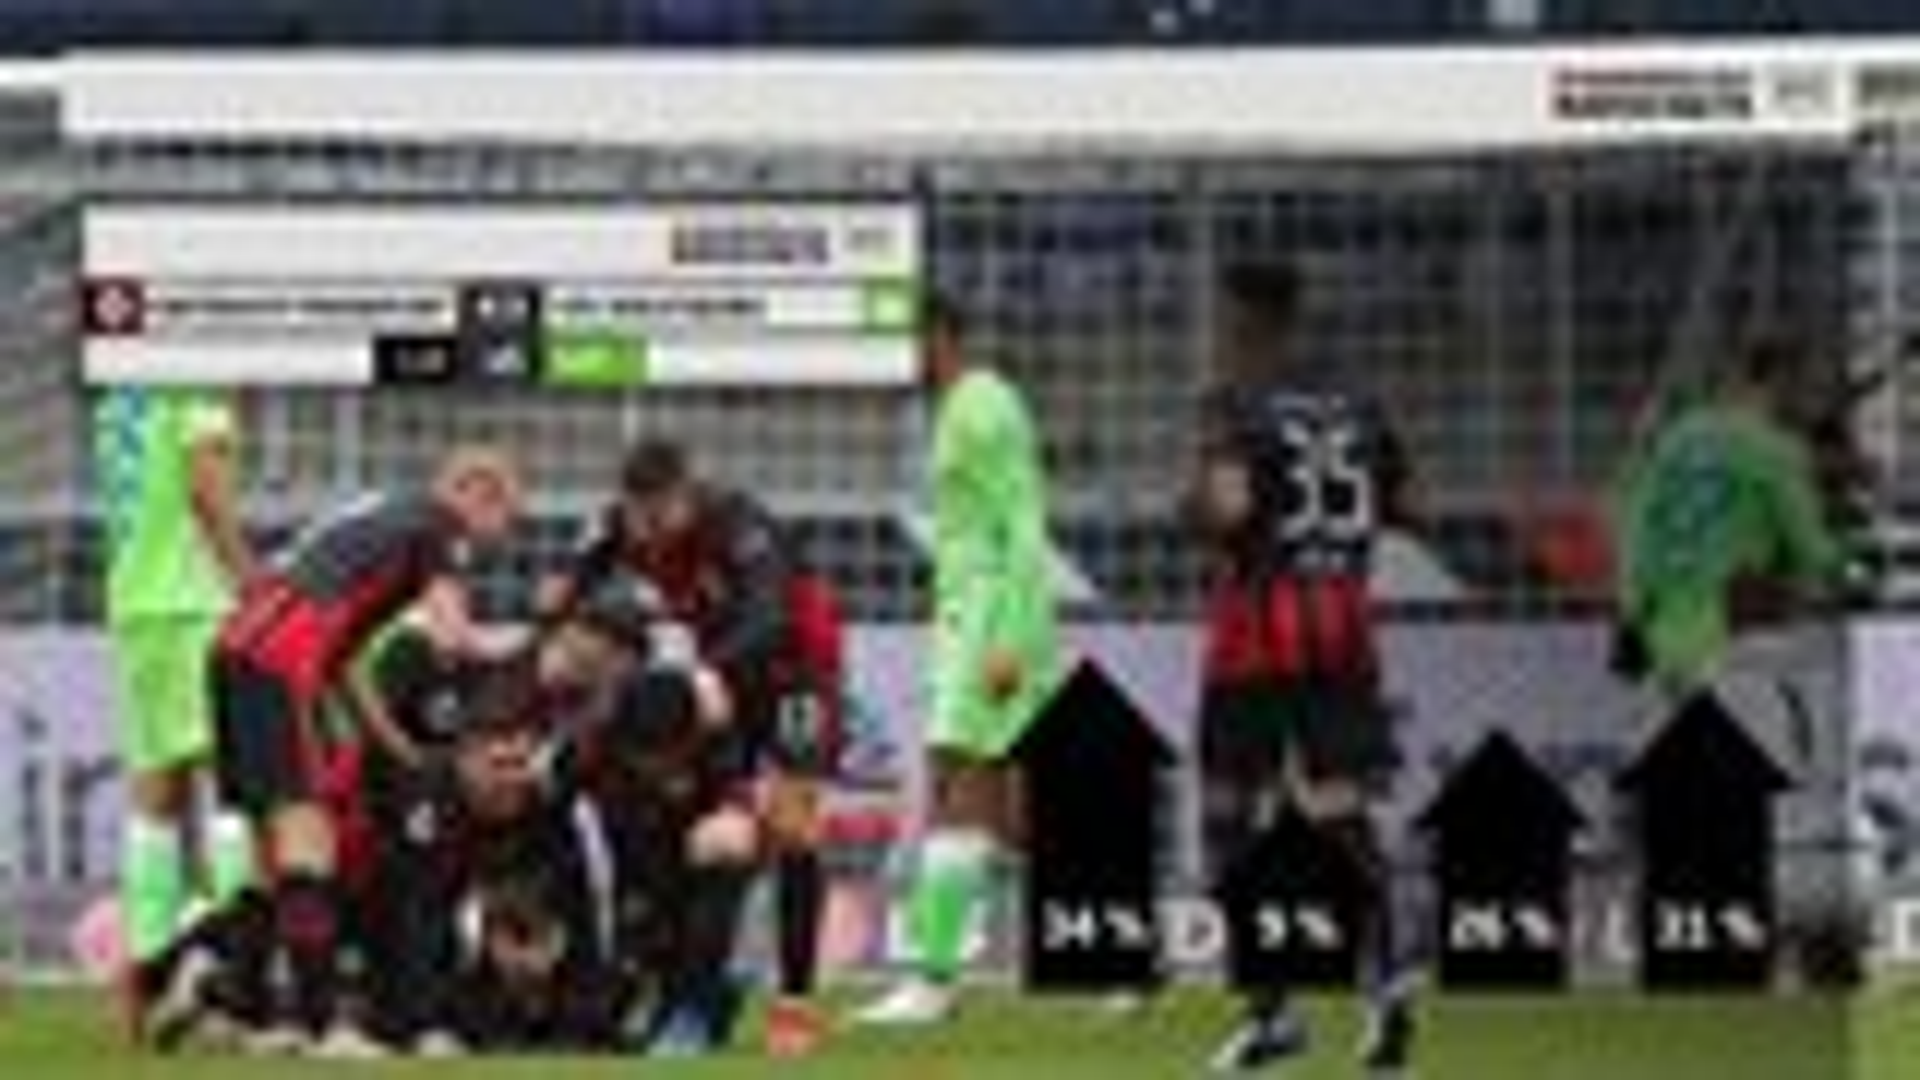 Match-Facts-Analyse: Frankfurt knackt Wolfsburg